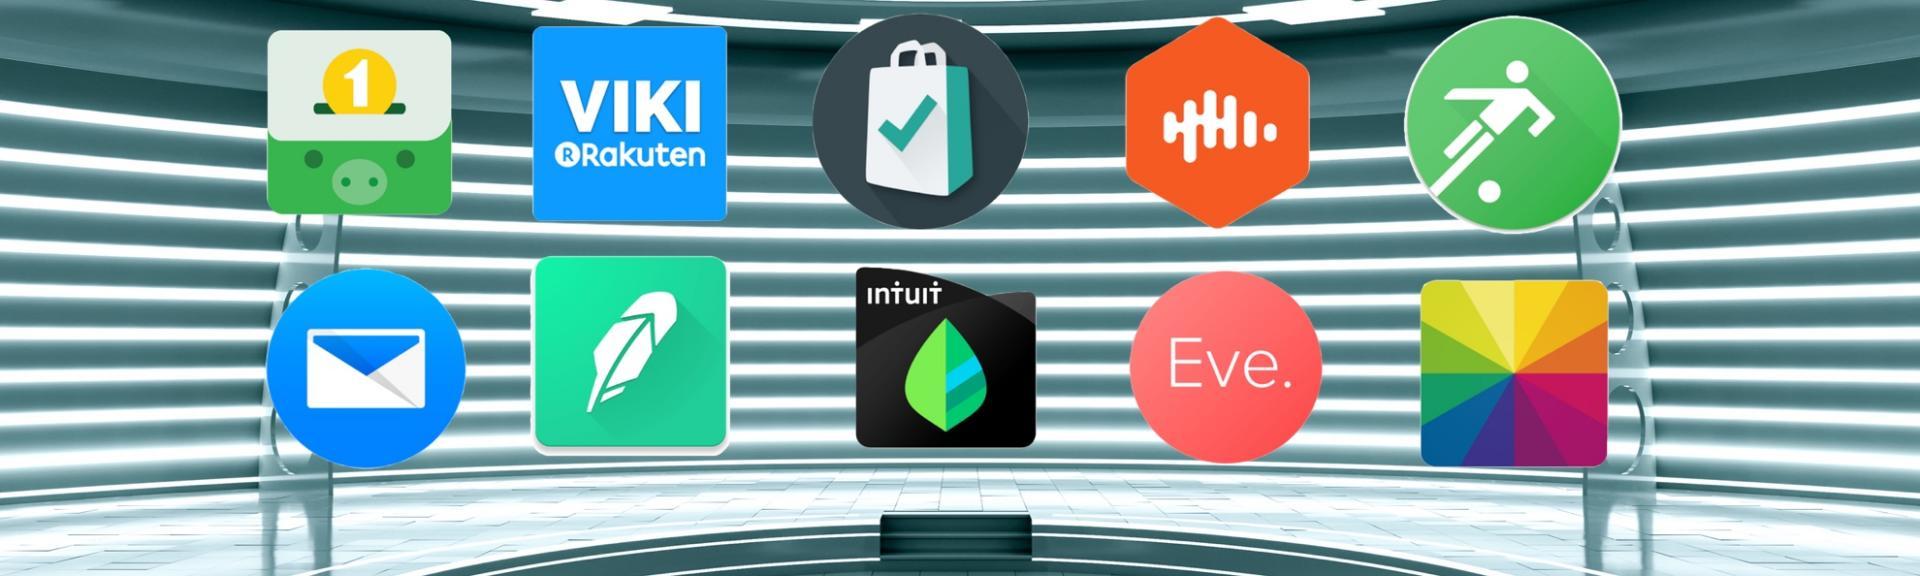 Le migliori app Android del 2017, secondo Google